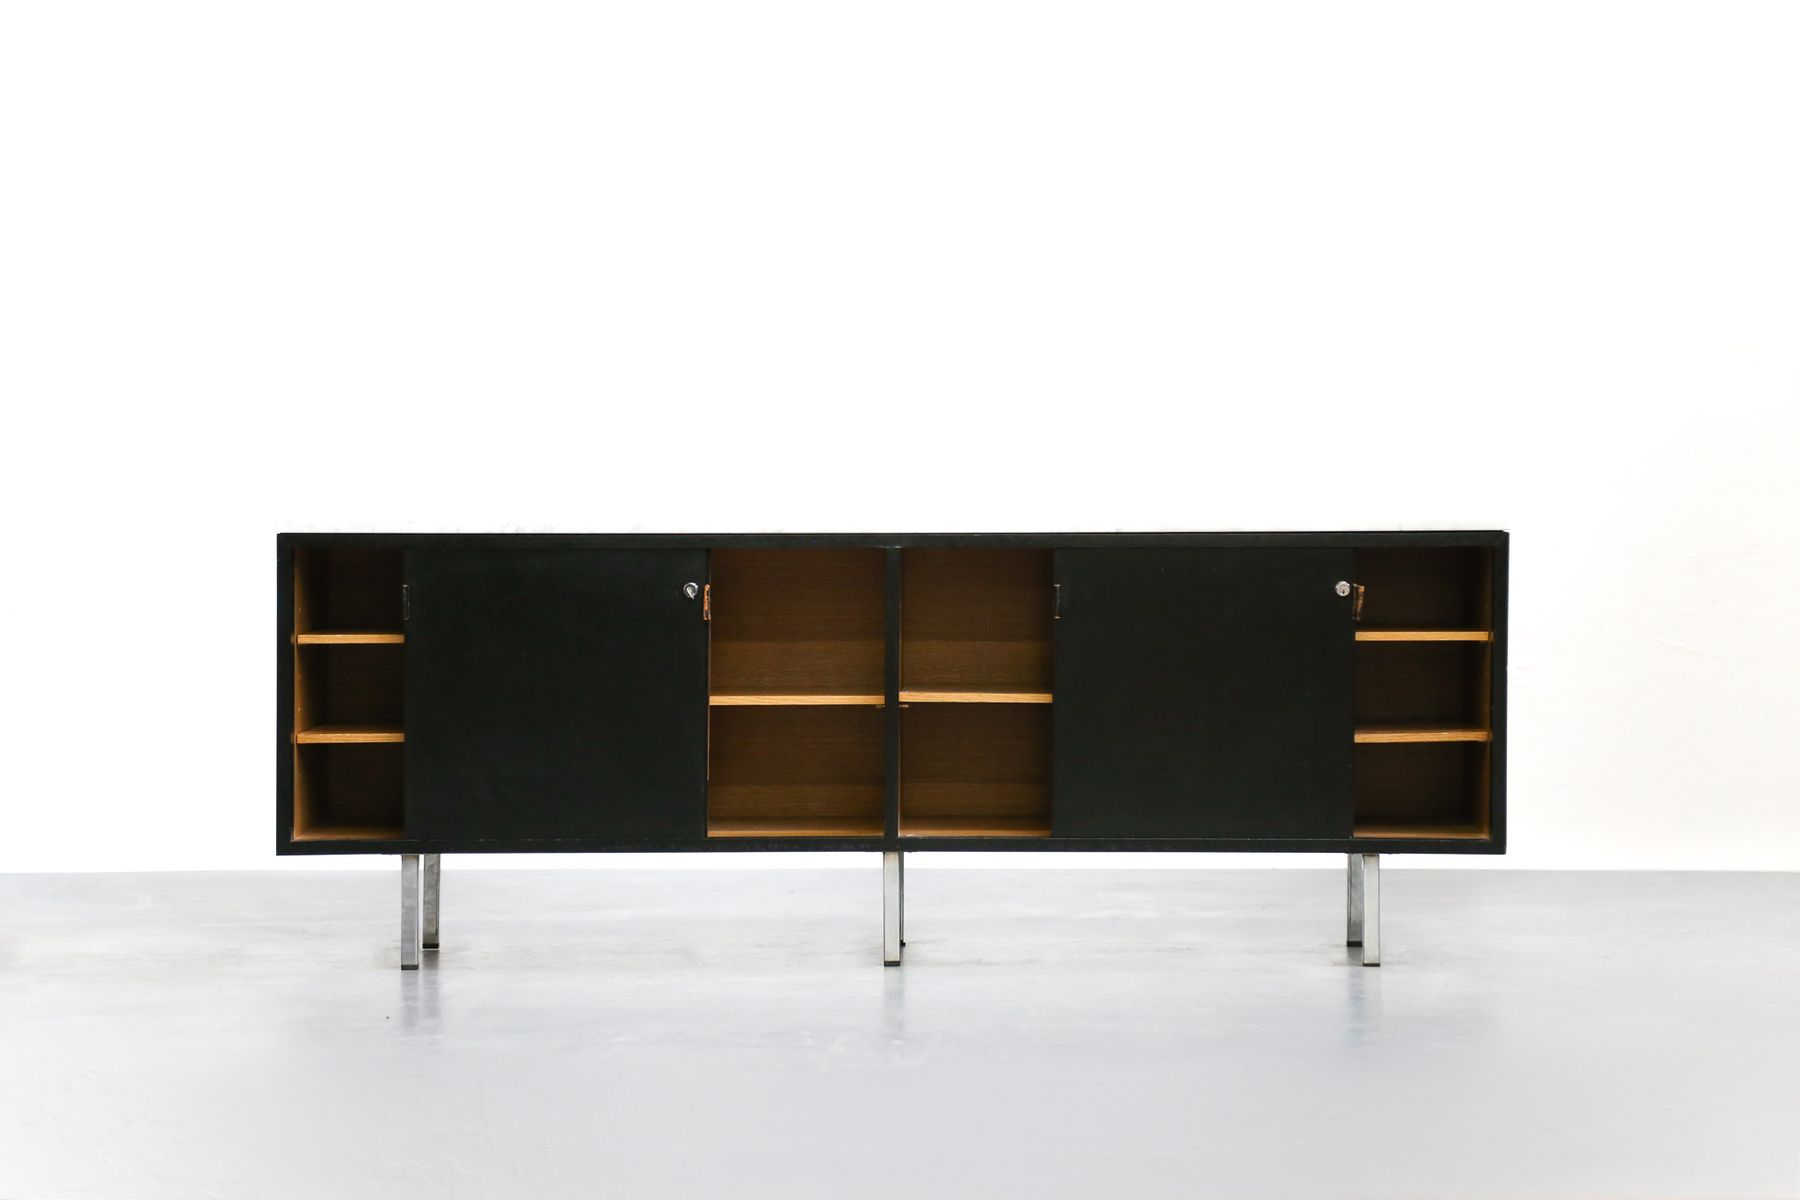 enfilade en ch ne par florence knoll pour knoll en vente sur pamono. Black Bedroom Furniture Sets. Home Design Ideas